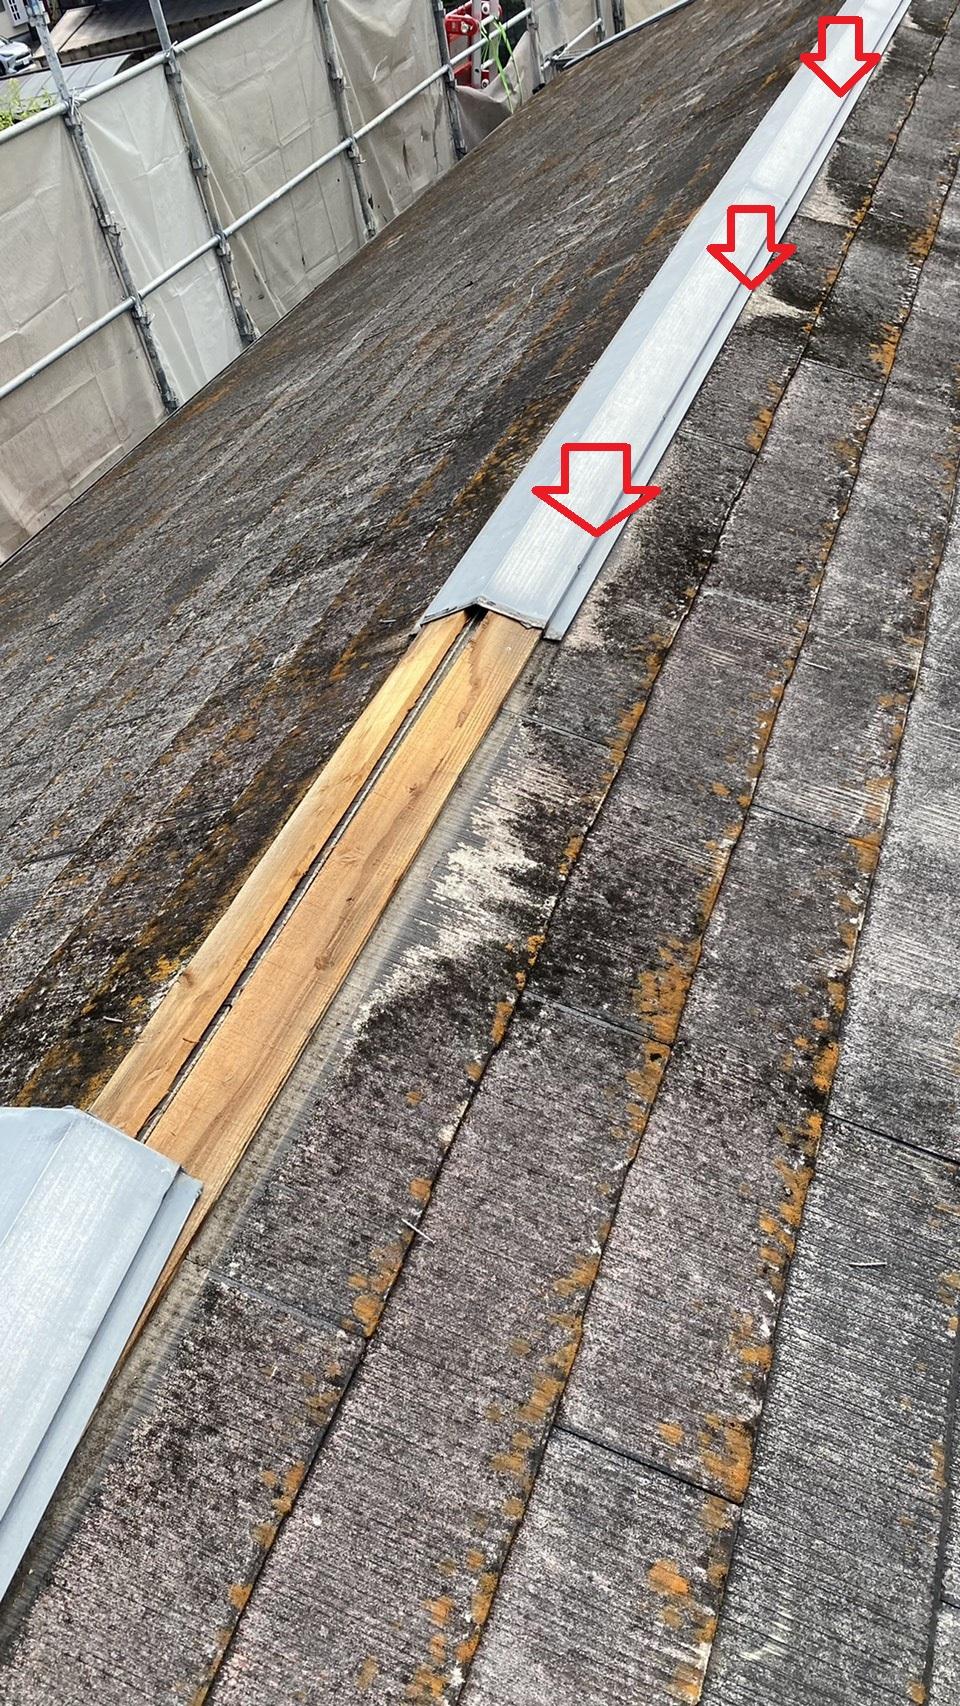 三木市での屋根リフォームで棟板金を撤去した様子